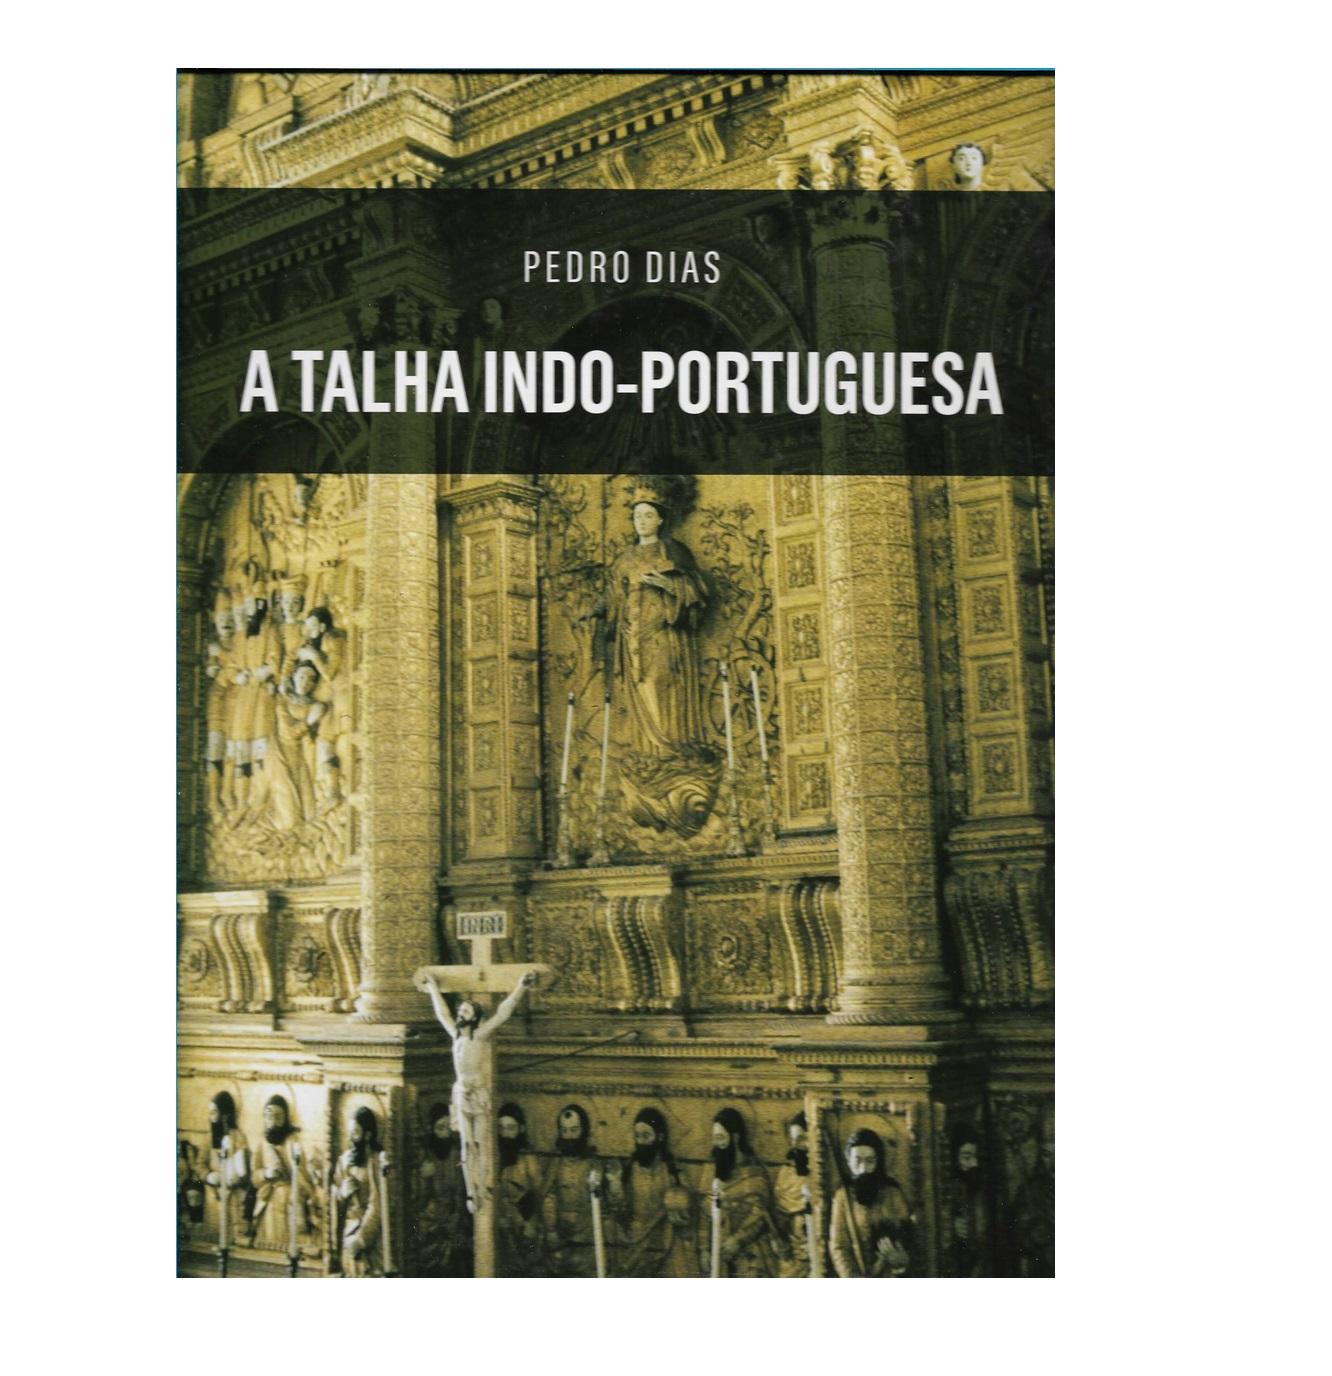 A Talha Indo-Portuguesa